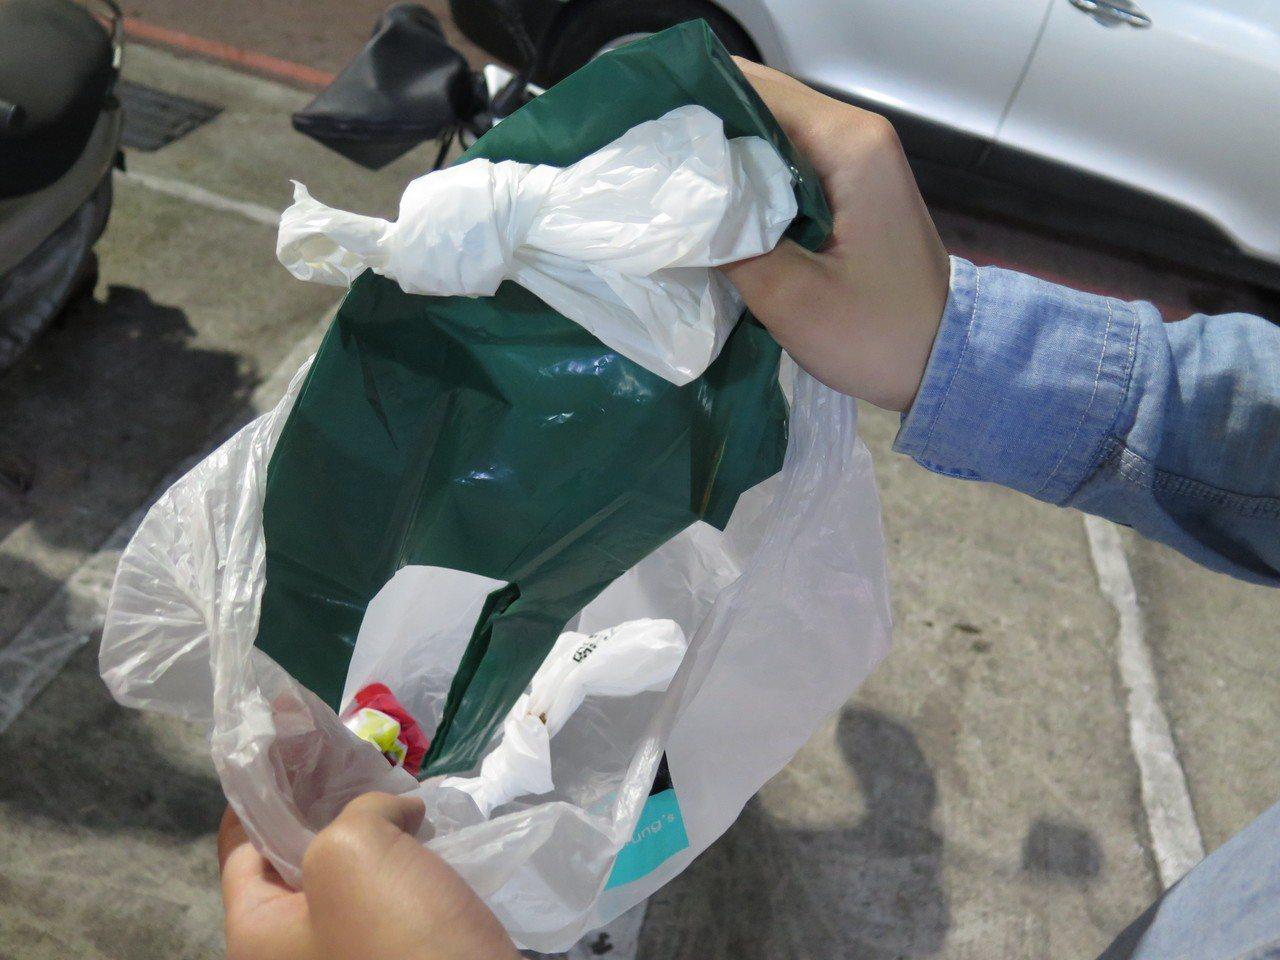 國內塑膠袋價格低、使用量大,但因處理麻煩,回收困難,回收率僅9%。記者張裕珍/攝...